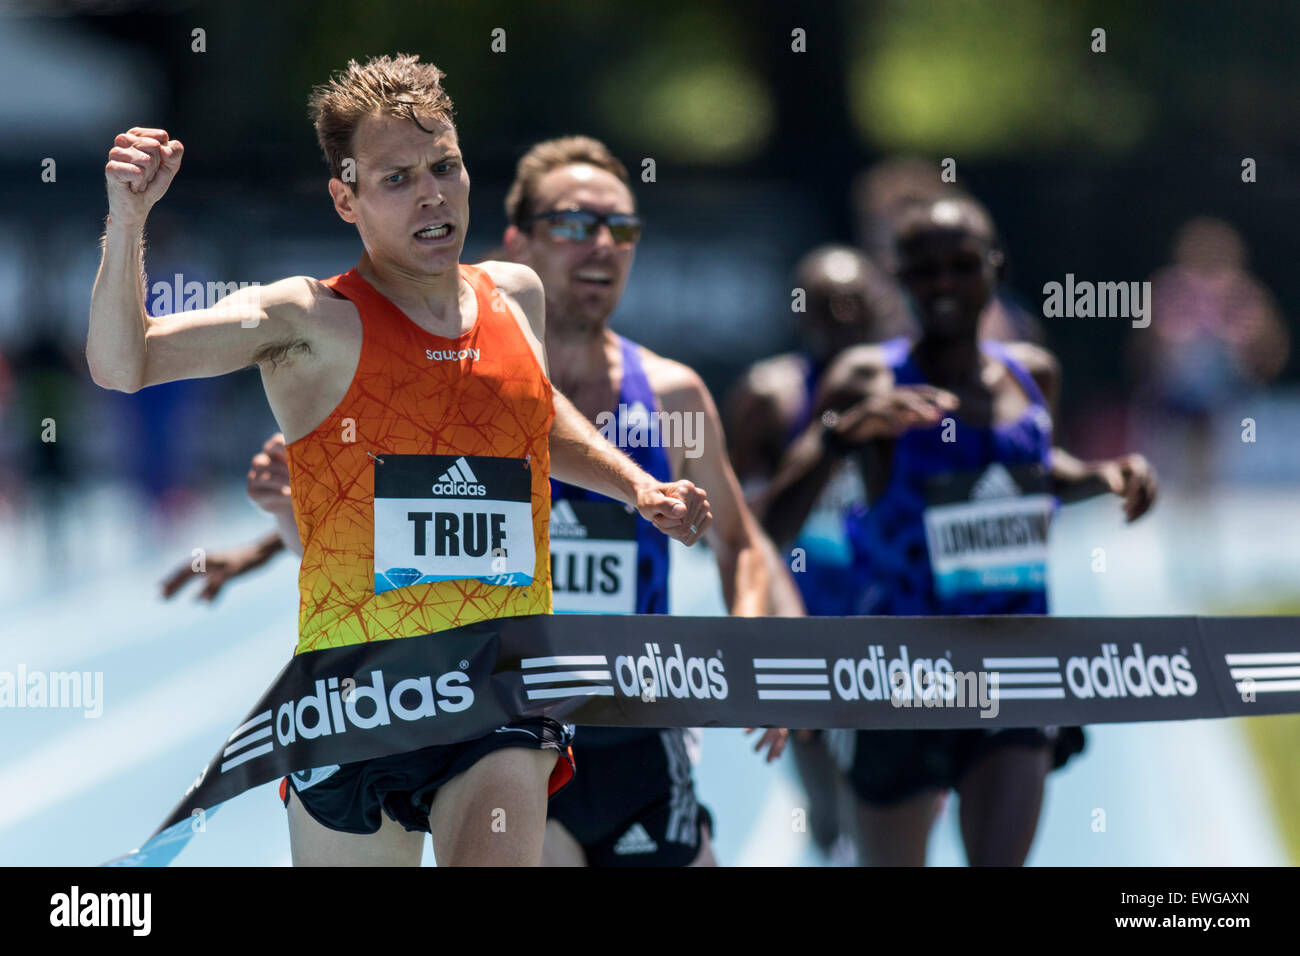 Ben True (USA) derrotas Nick Willis (NZL) en el hombre de 5000m en el 2015 Adidas Grand Prix de la Liga de diamante Imagen De Stock